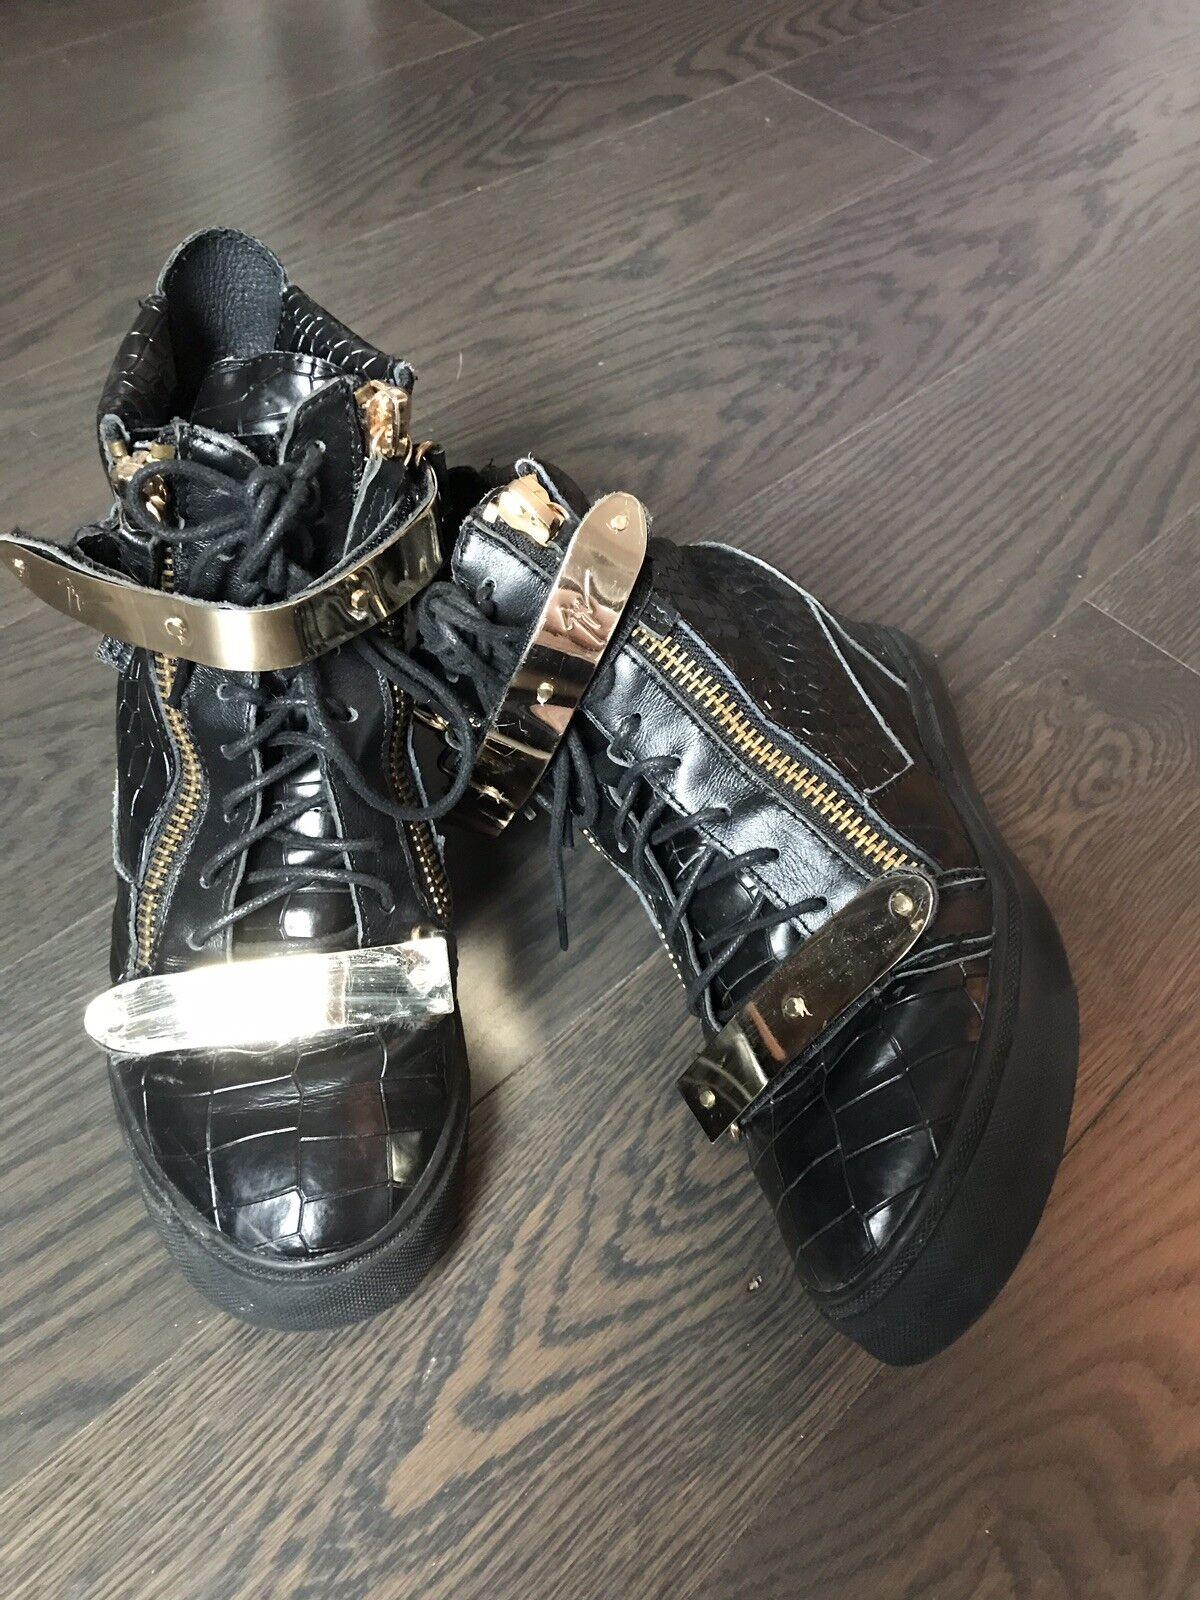 Giuseppe Zanotti Zanotti Zanotti Women Black Leather High Top gold Wedge Sneakers Boots 38 297e20